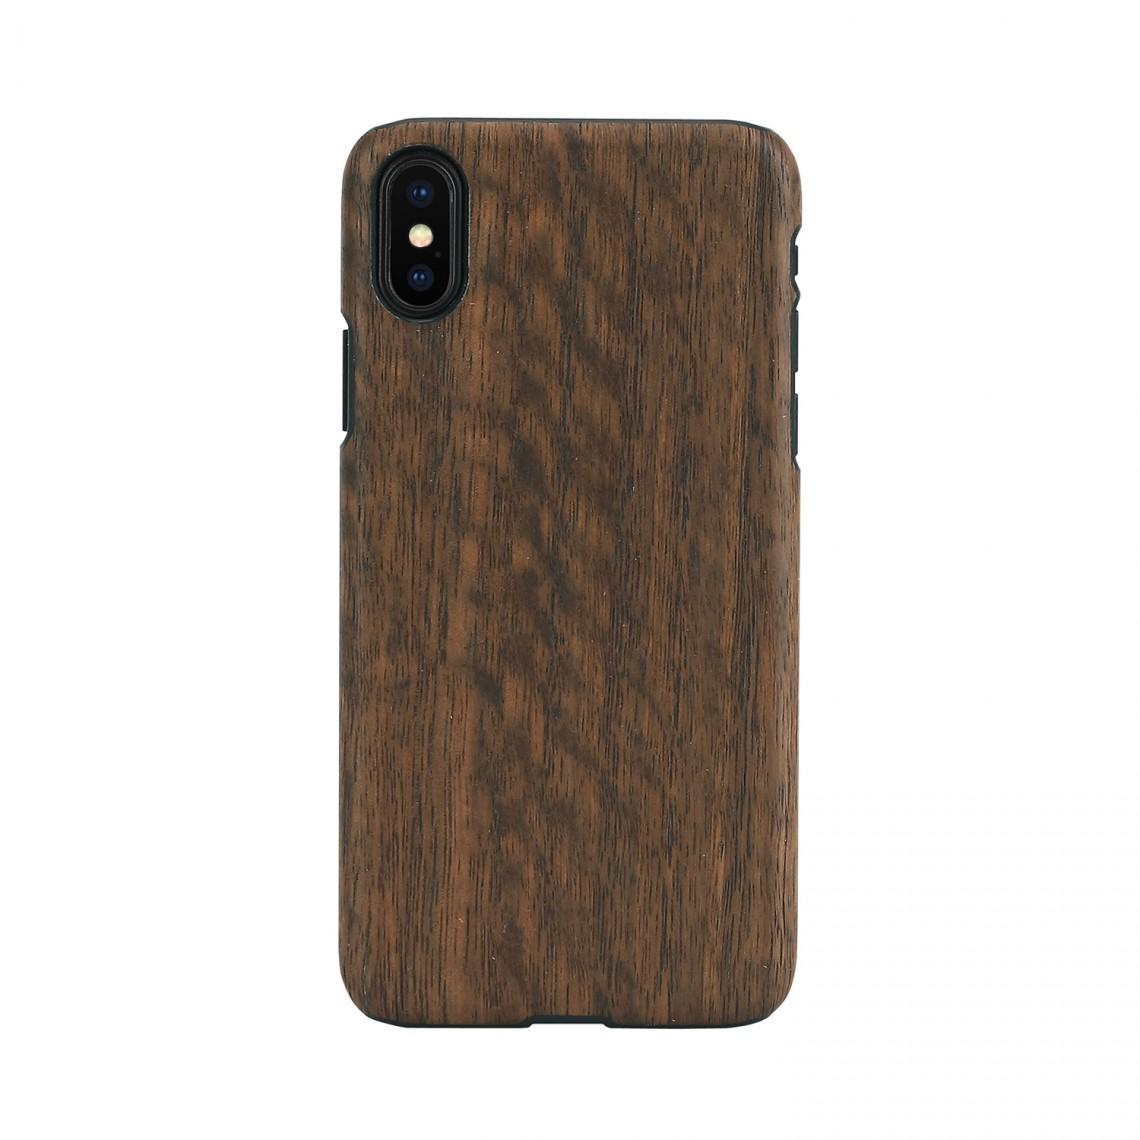 iPhone XR ケース 天然木 Man&Wood Koala(マンアンドウッド コアラ)